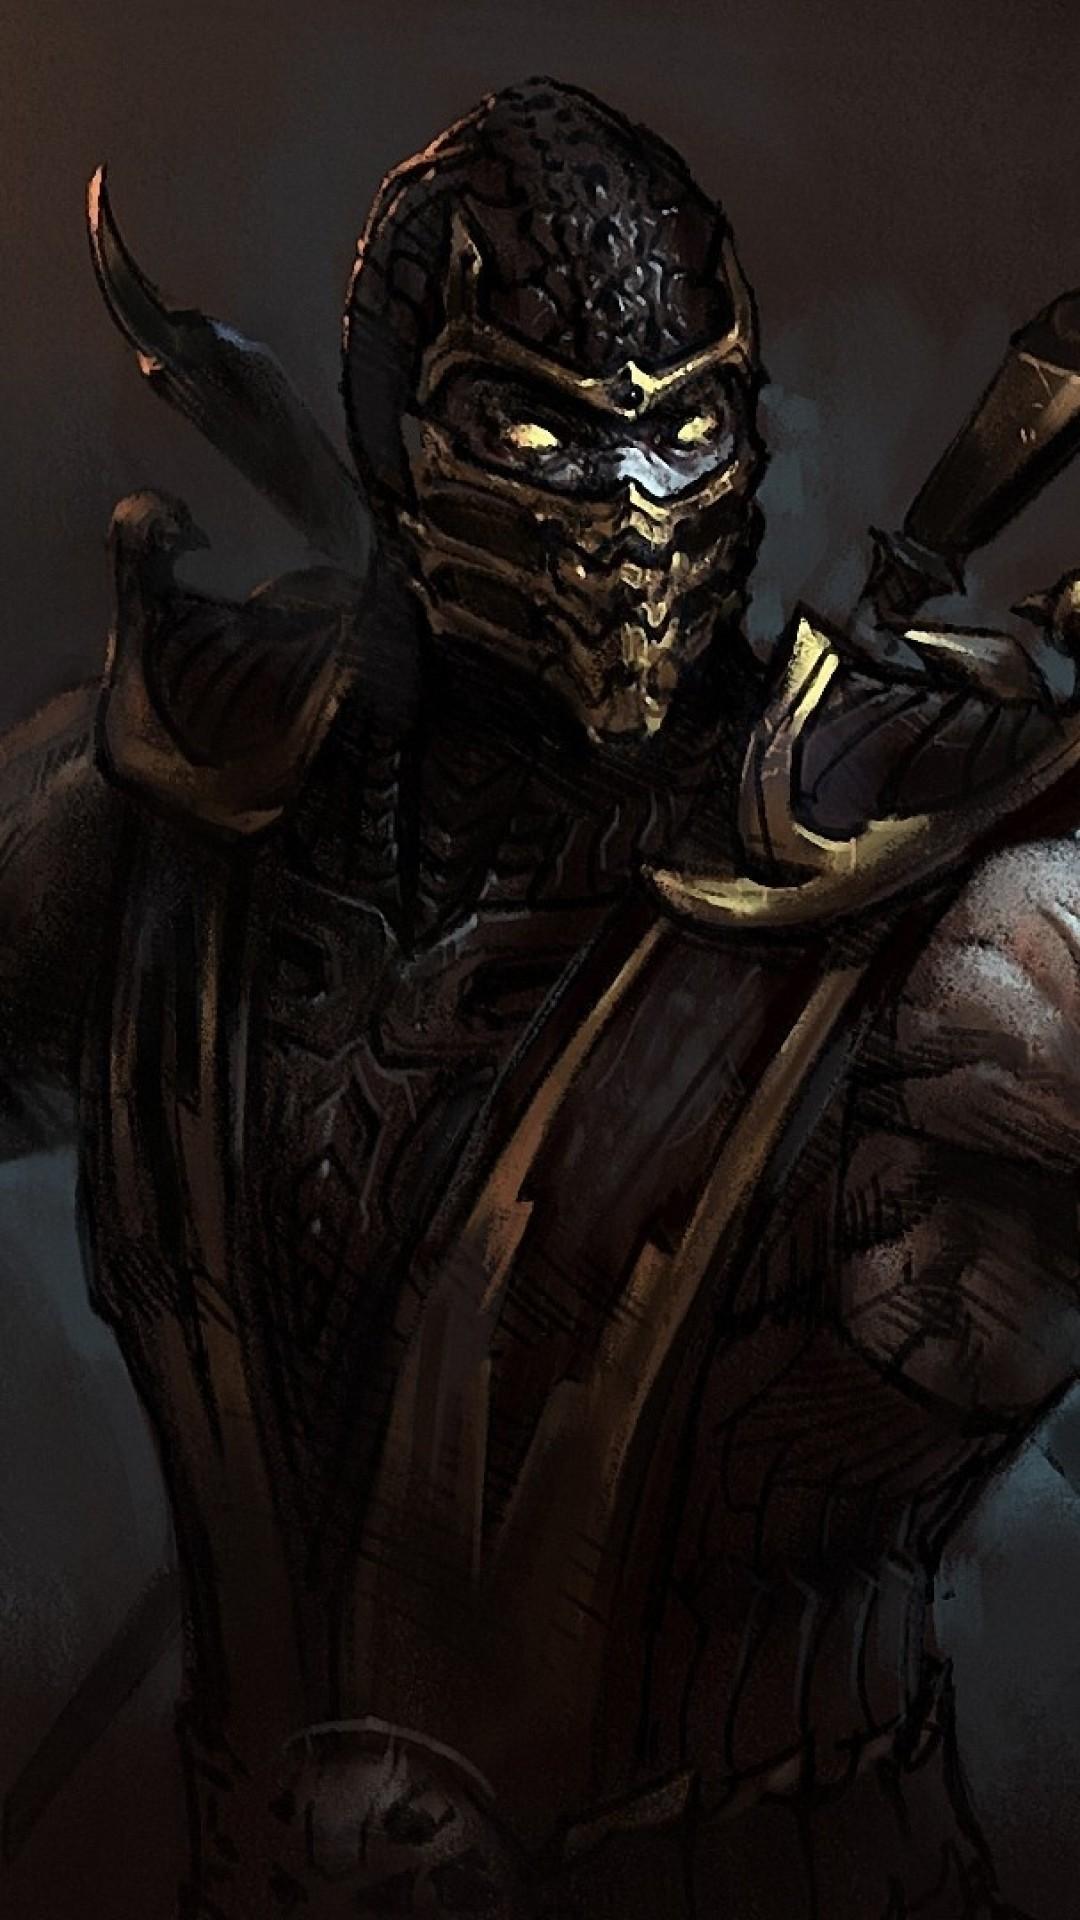 Mortal Kombat Wallpapers for Iphone 7, Iphone 7 plus … Mortal Kombat X